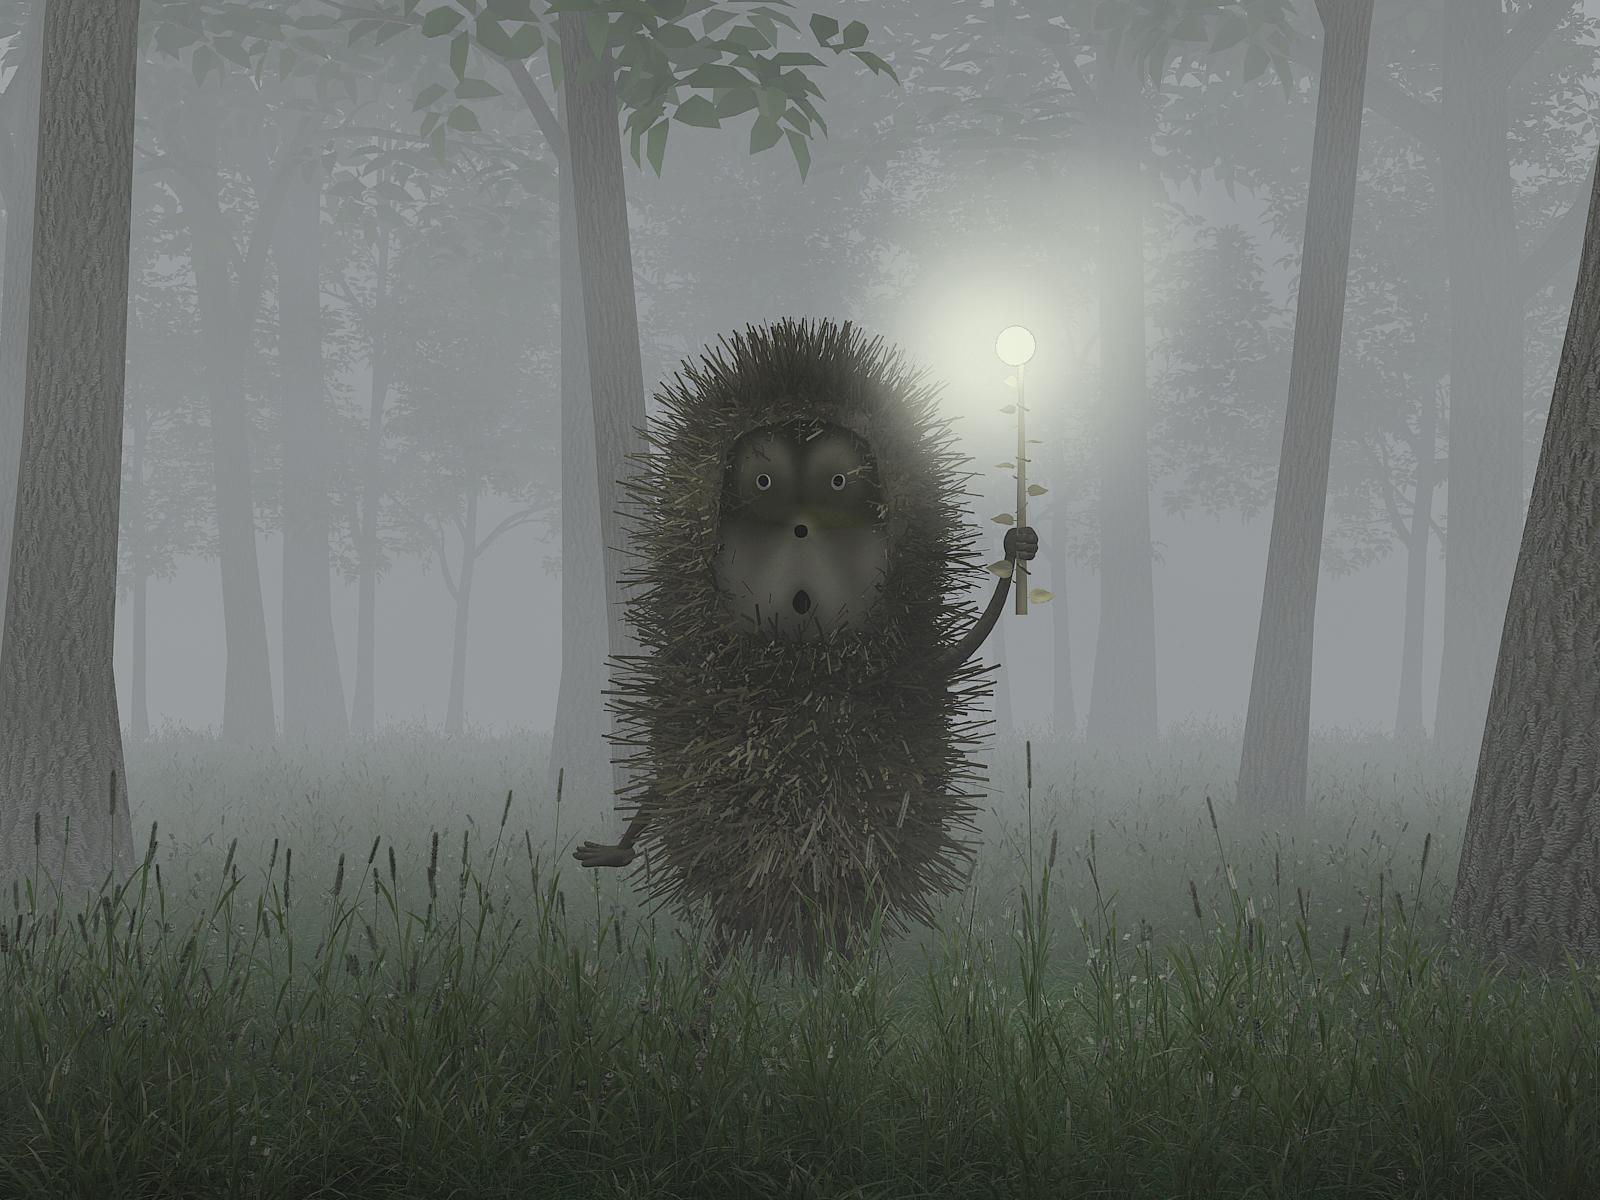 появились вошли ежик в тумане картинки высокого качества можно использовать как